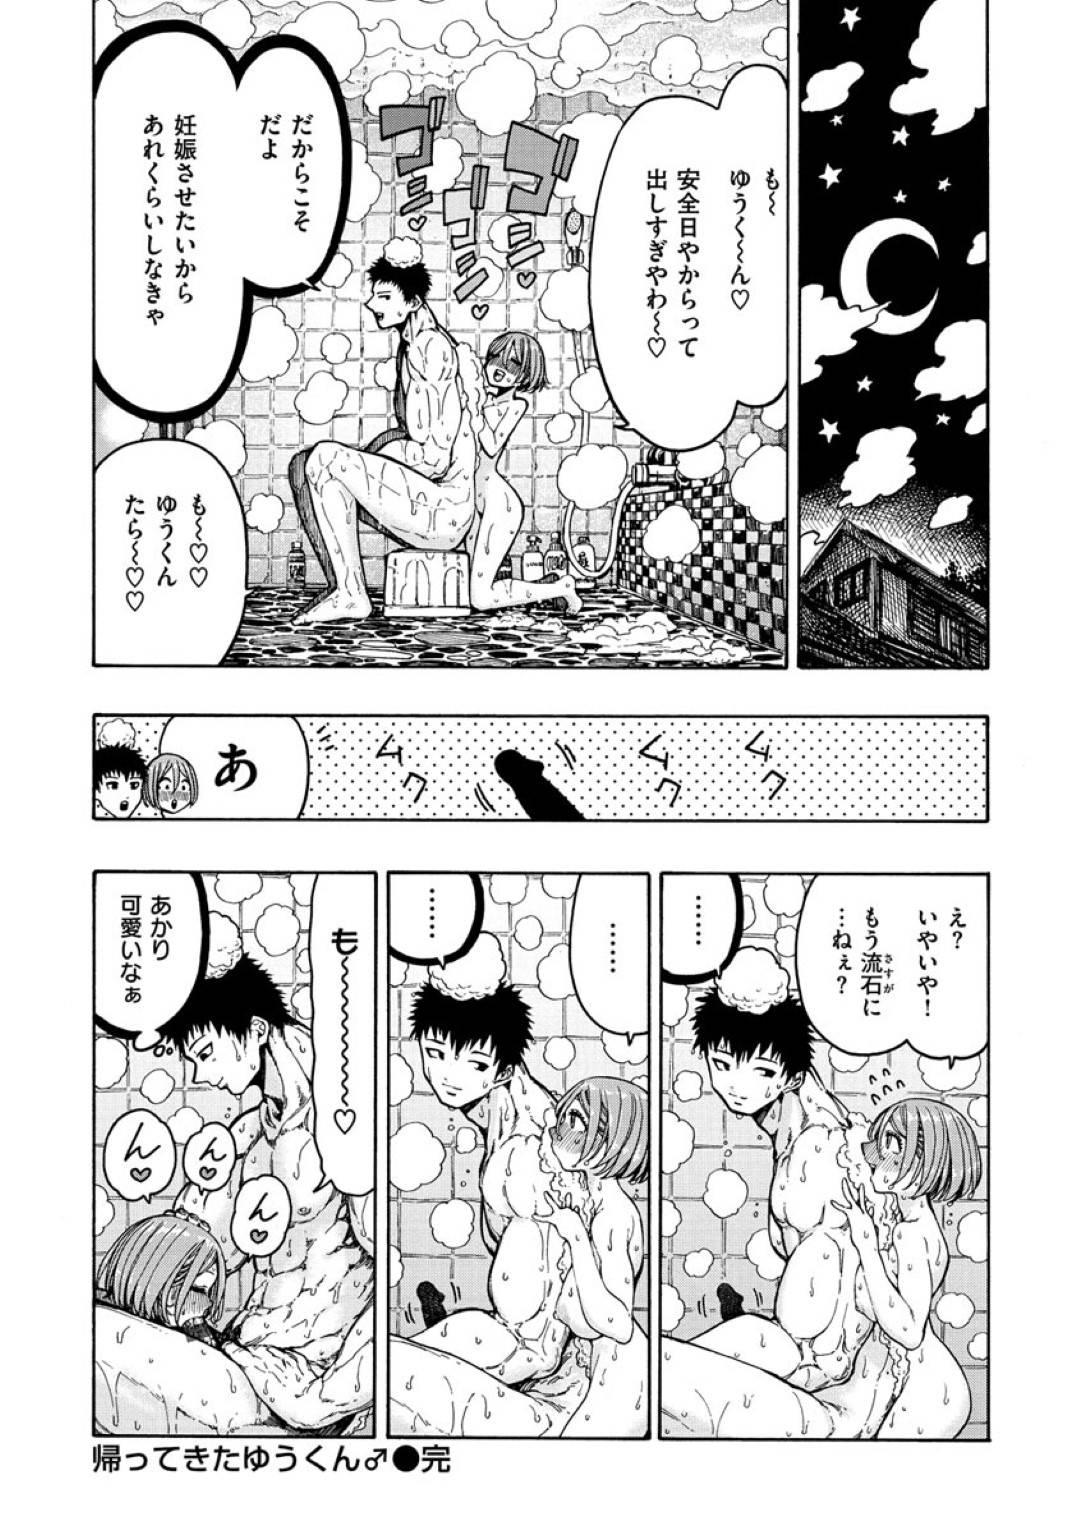 【エロ同人誌】東京に行ってしまった幼馴染が帰ってくると聞きバス停まで迎えに行く巨乳お姉さん…筋肉質になり見た目がタイプになって帰ってきた幼馴染に発情していると告白されそのままセックス!【昼寝:帰ってきたゆうくん♂】